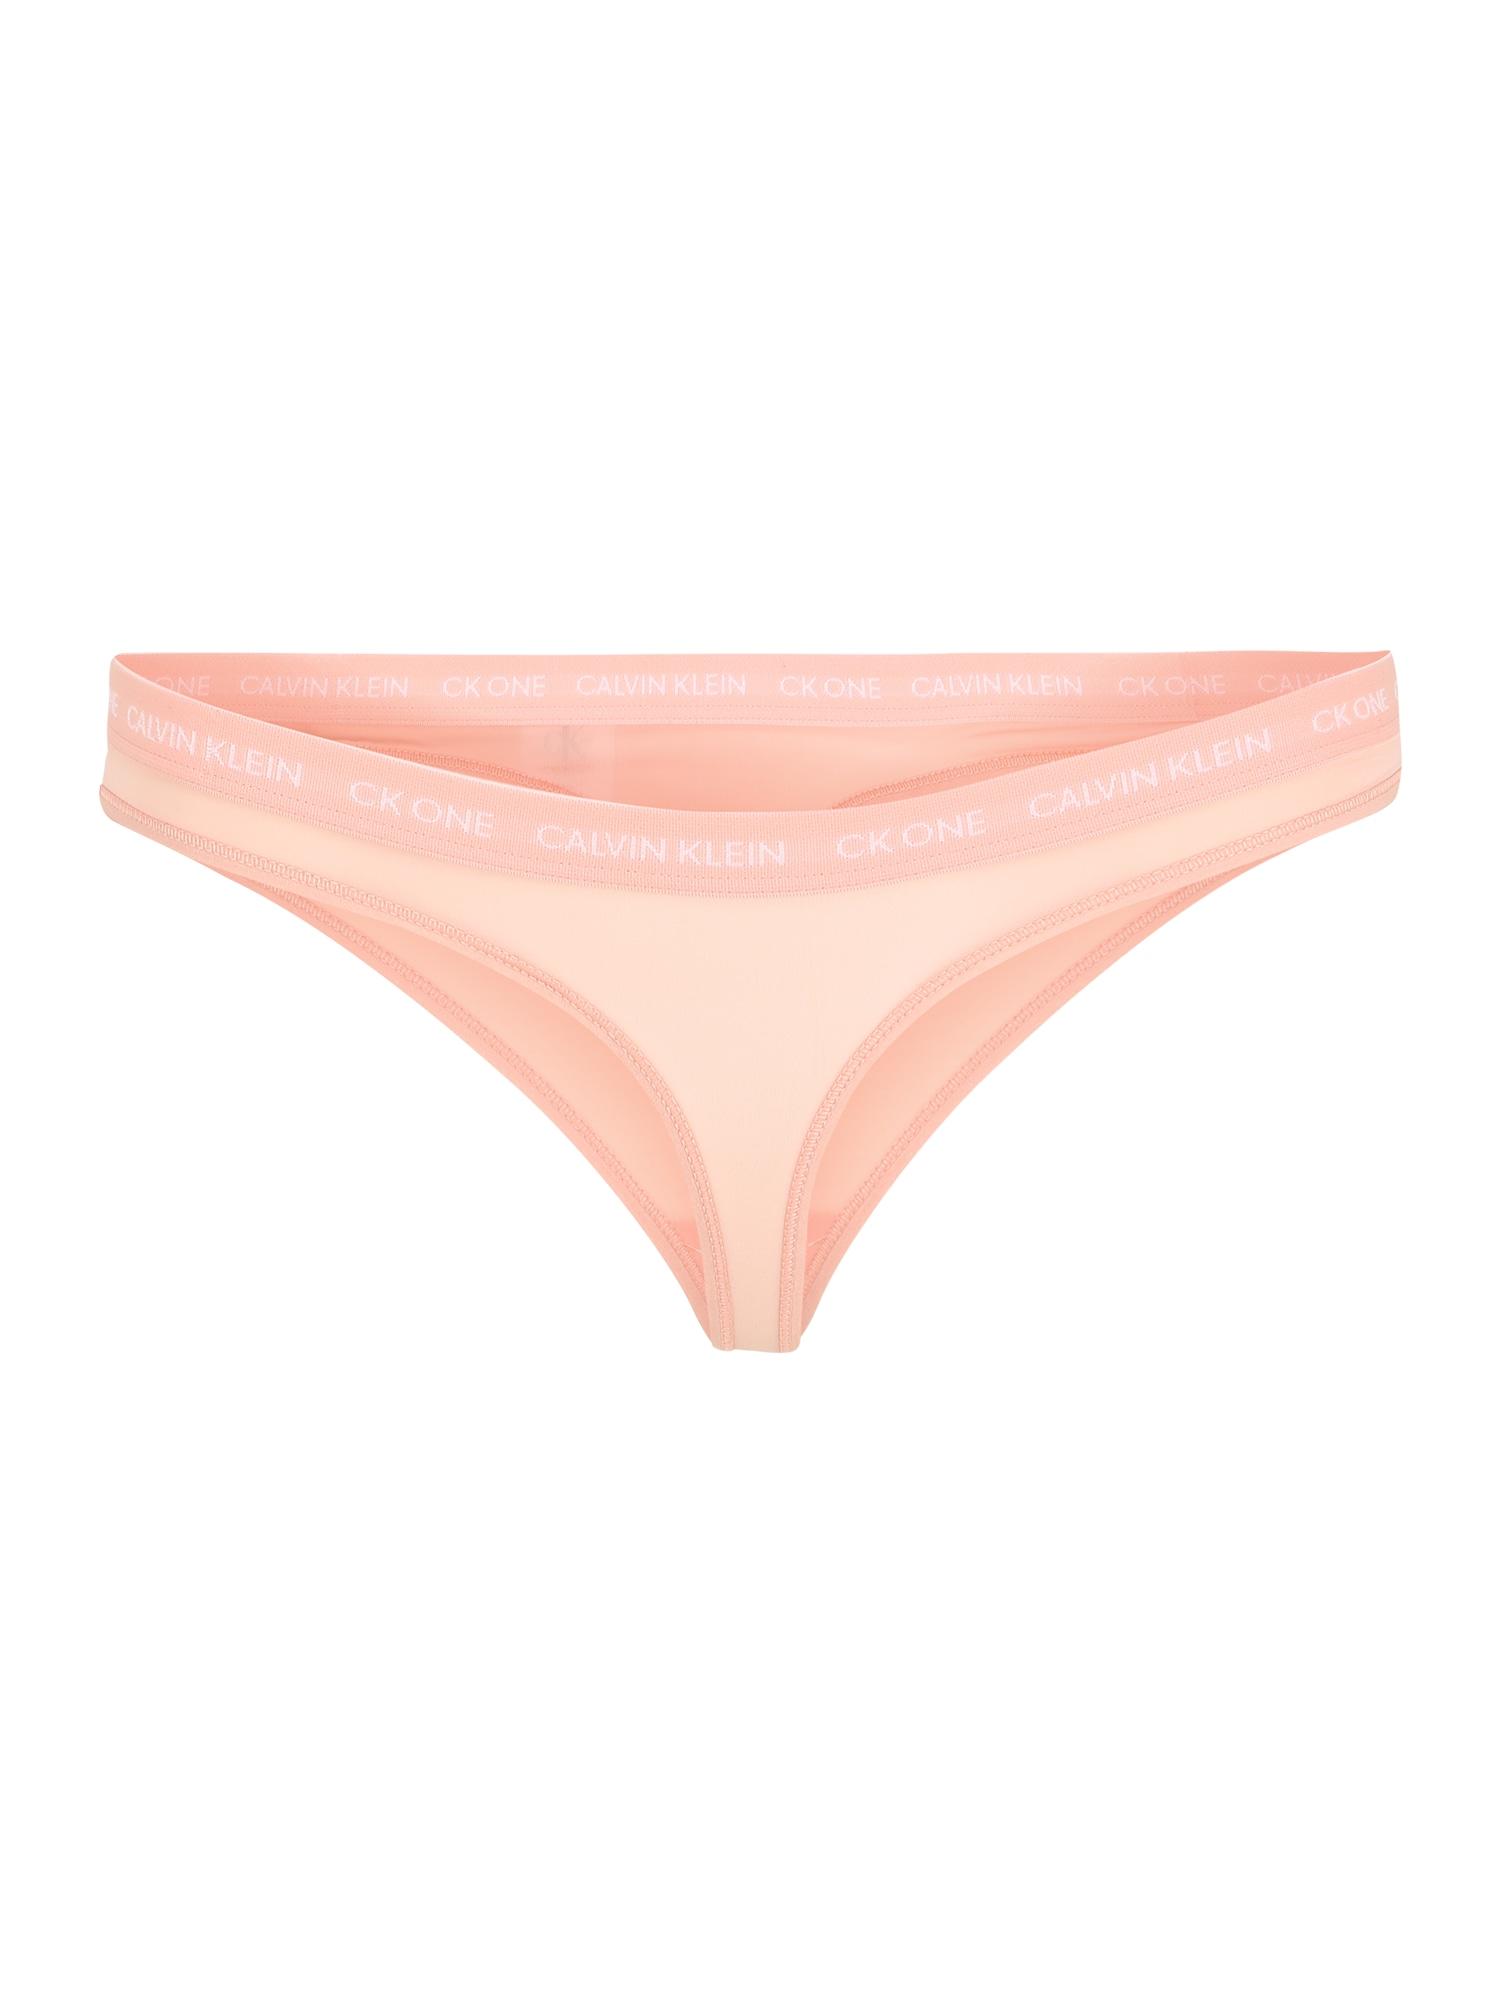 Calvin Klein Underwear Siaurikės ryškiai rožinė spalva / rožių spalva / balta